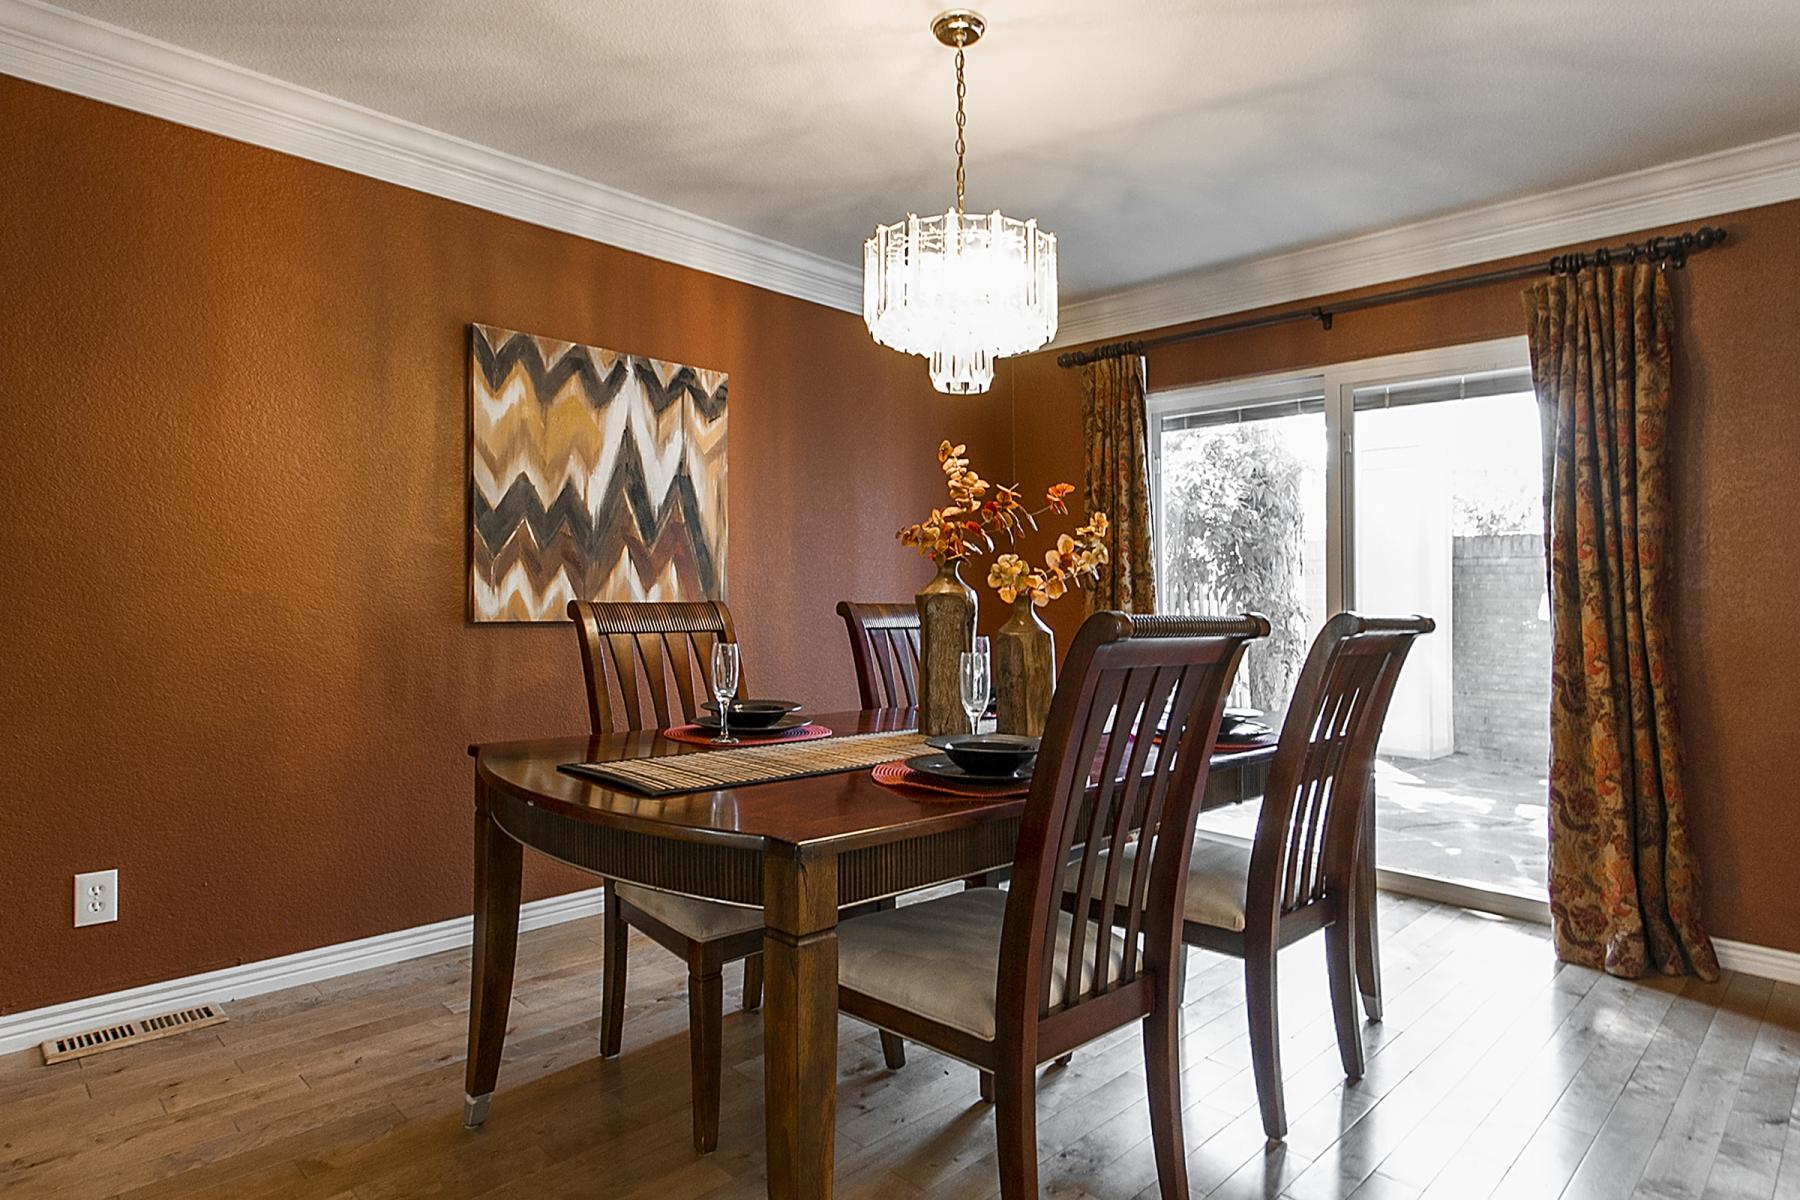 Dining-Room_1800x1200_2366471.jpg